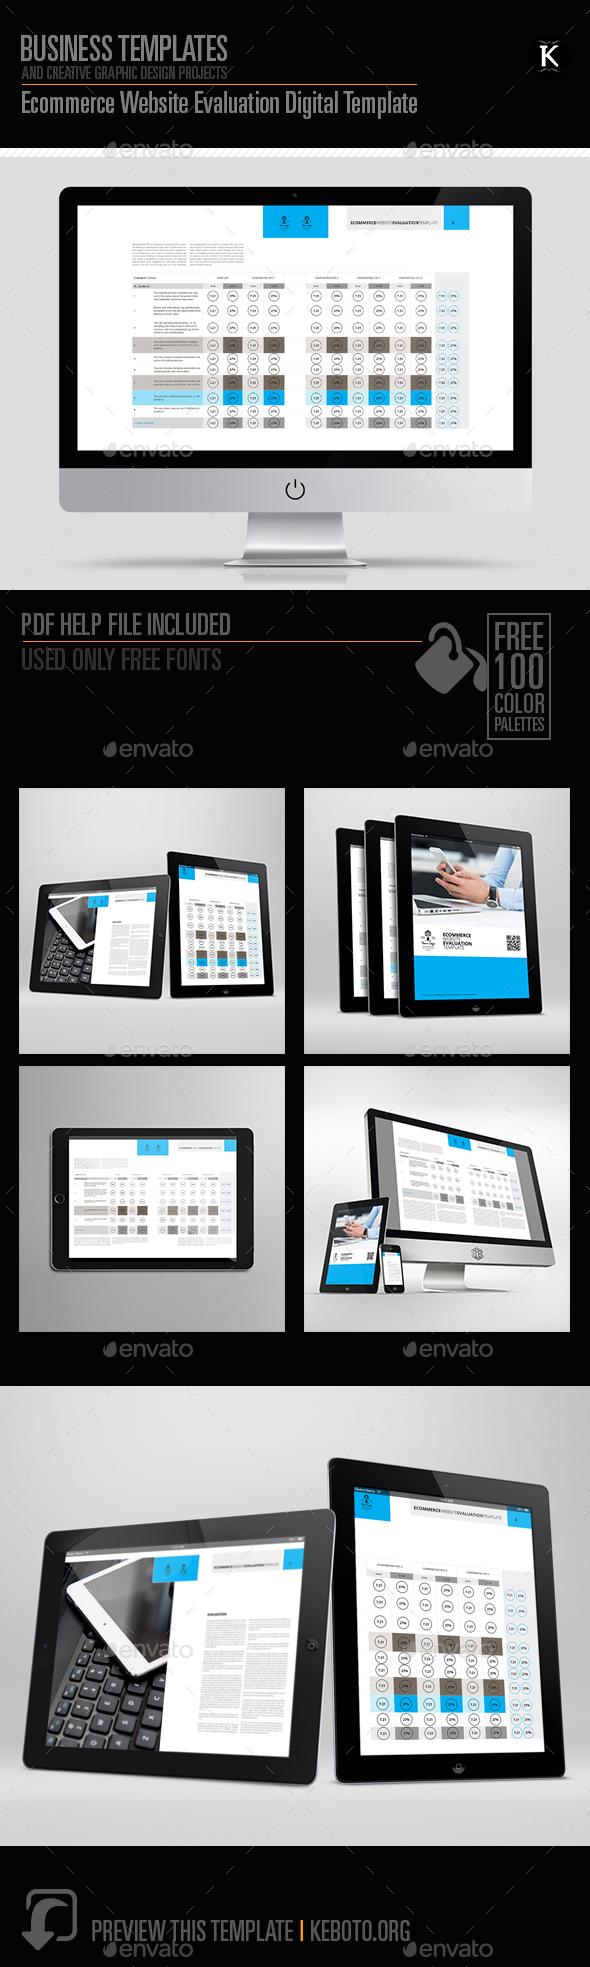 Ecommerce Website Evaluation Digital Template - ePublishing